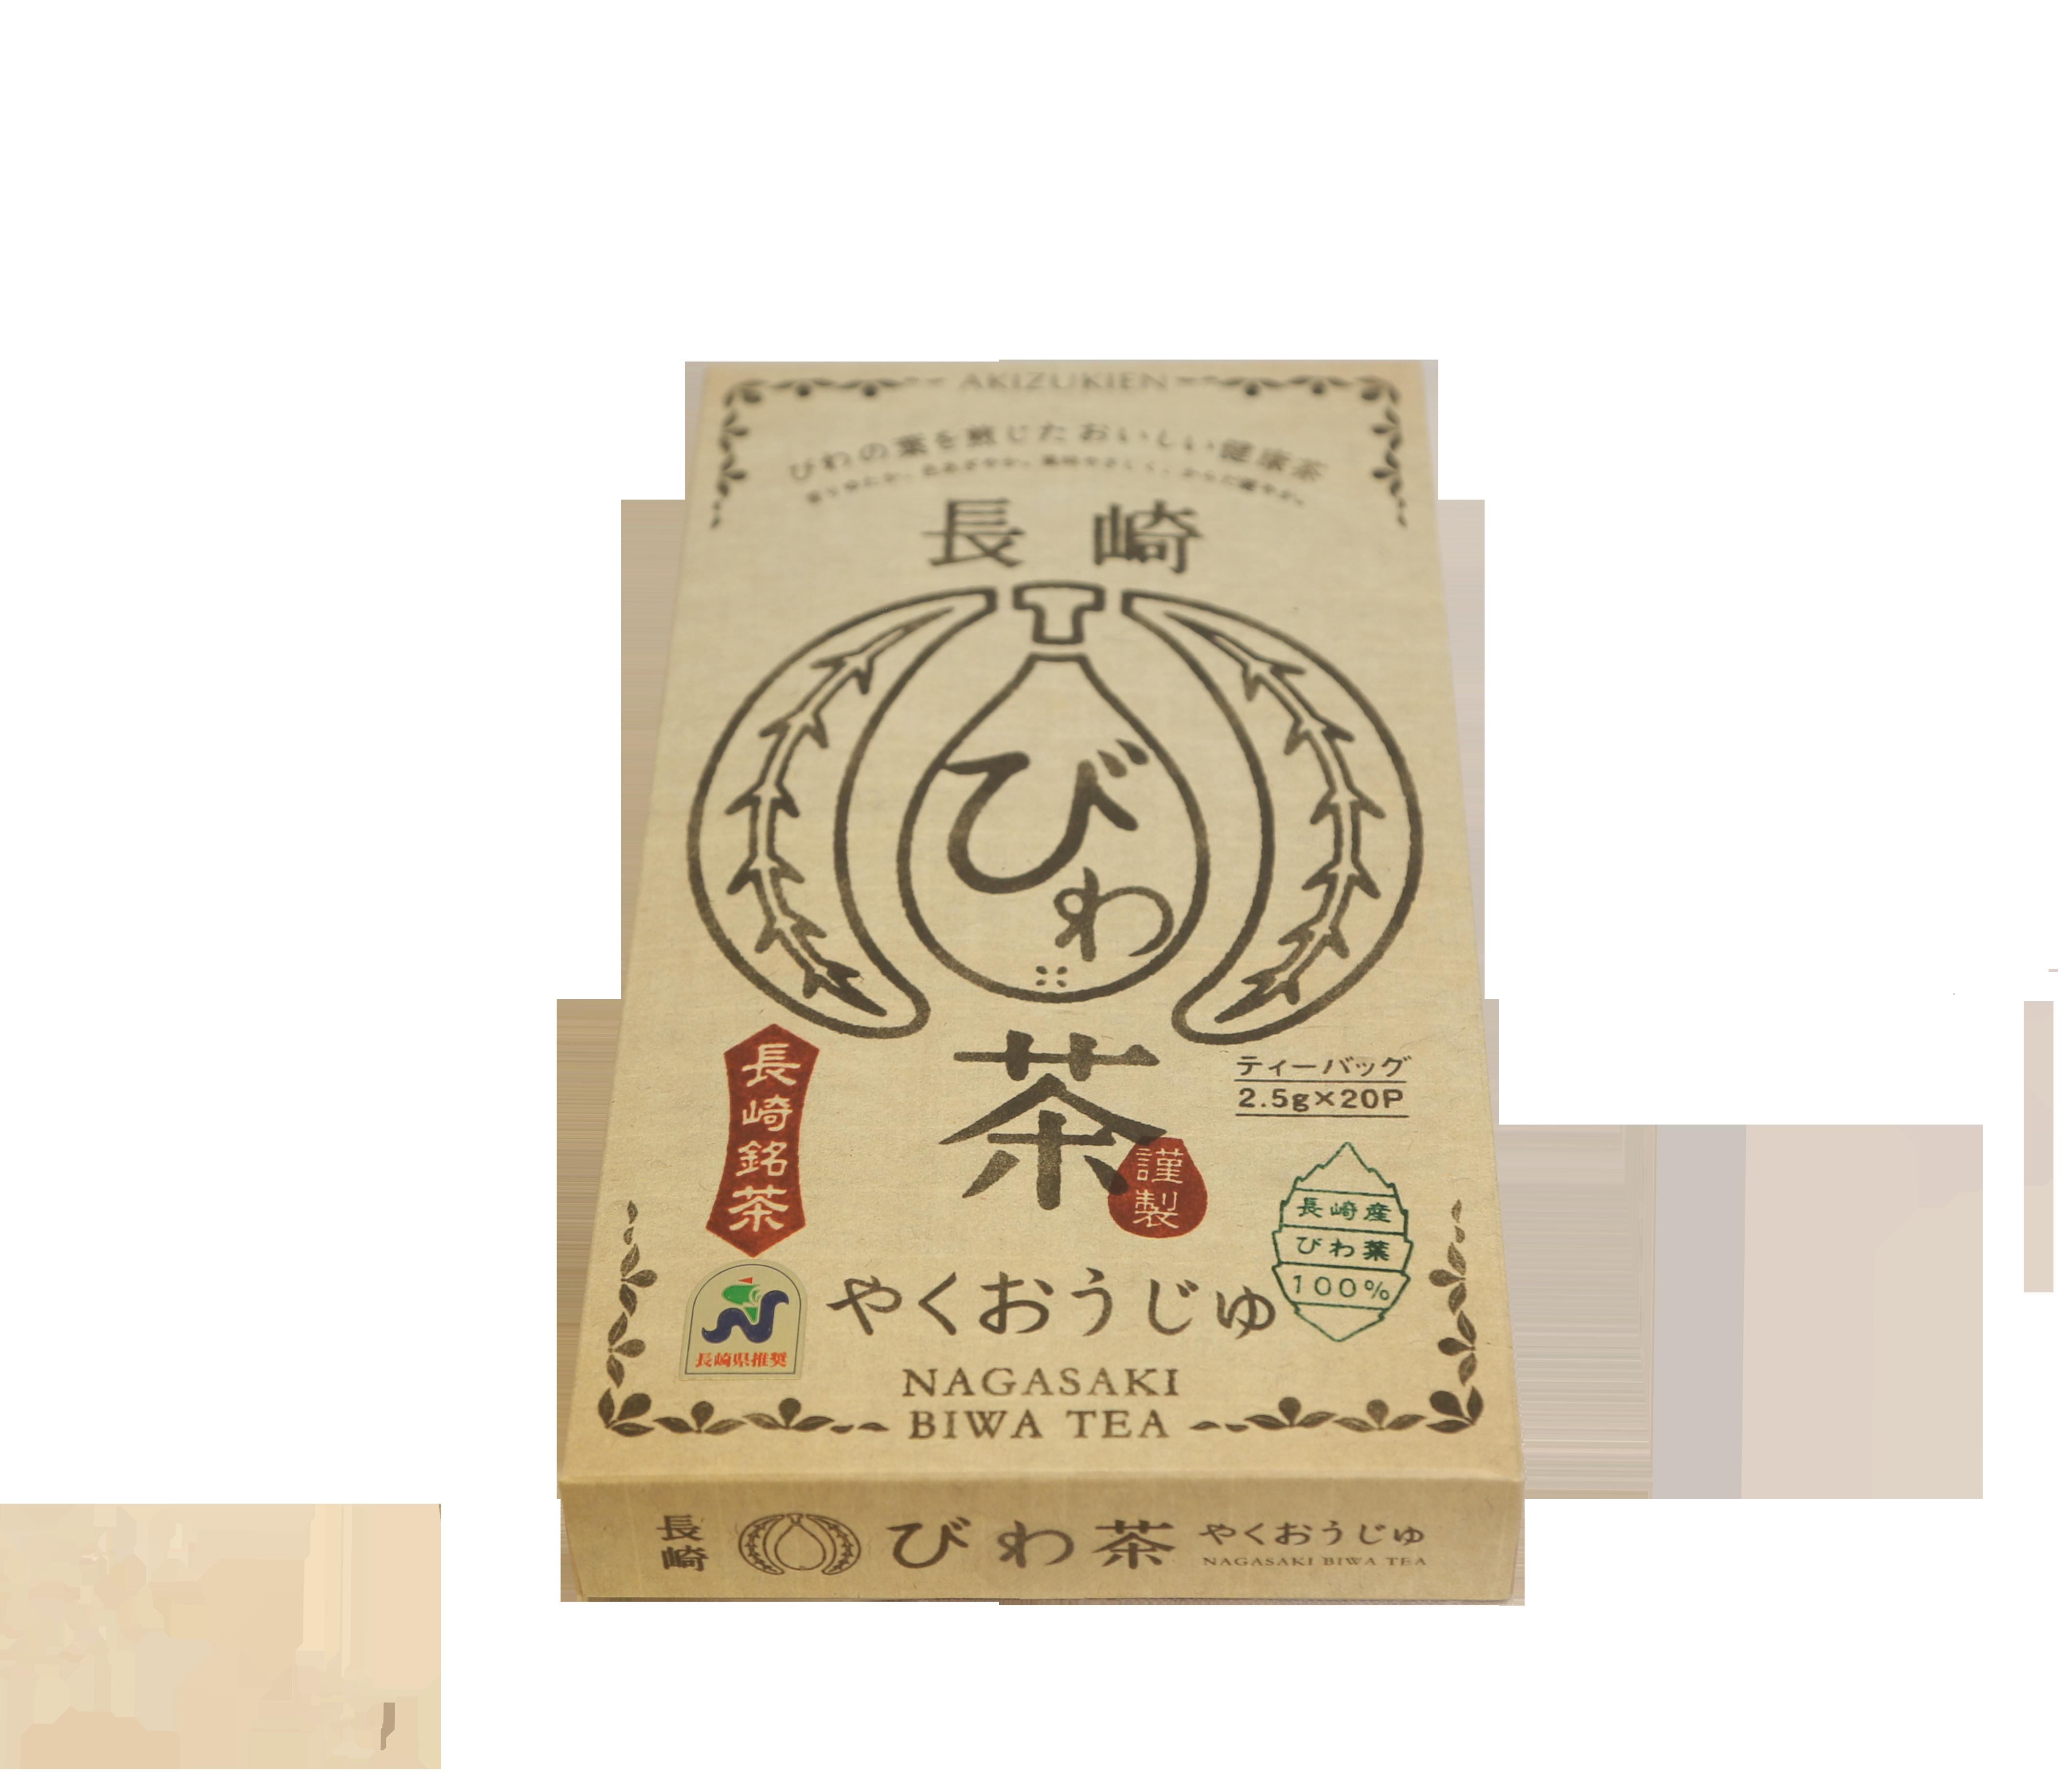 やくおうじゅ(びわ茶)ティバッグ 2.5g x 20p 【秋月園】